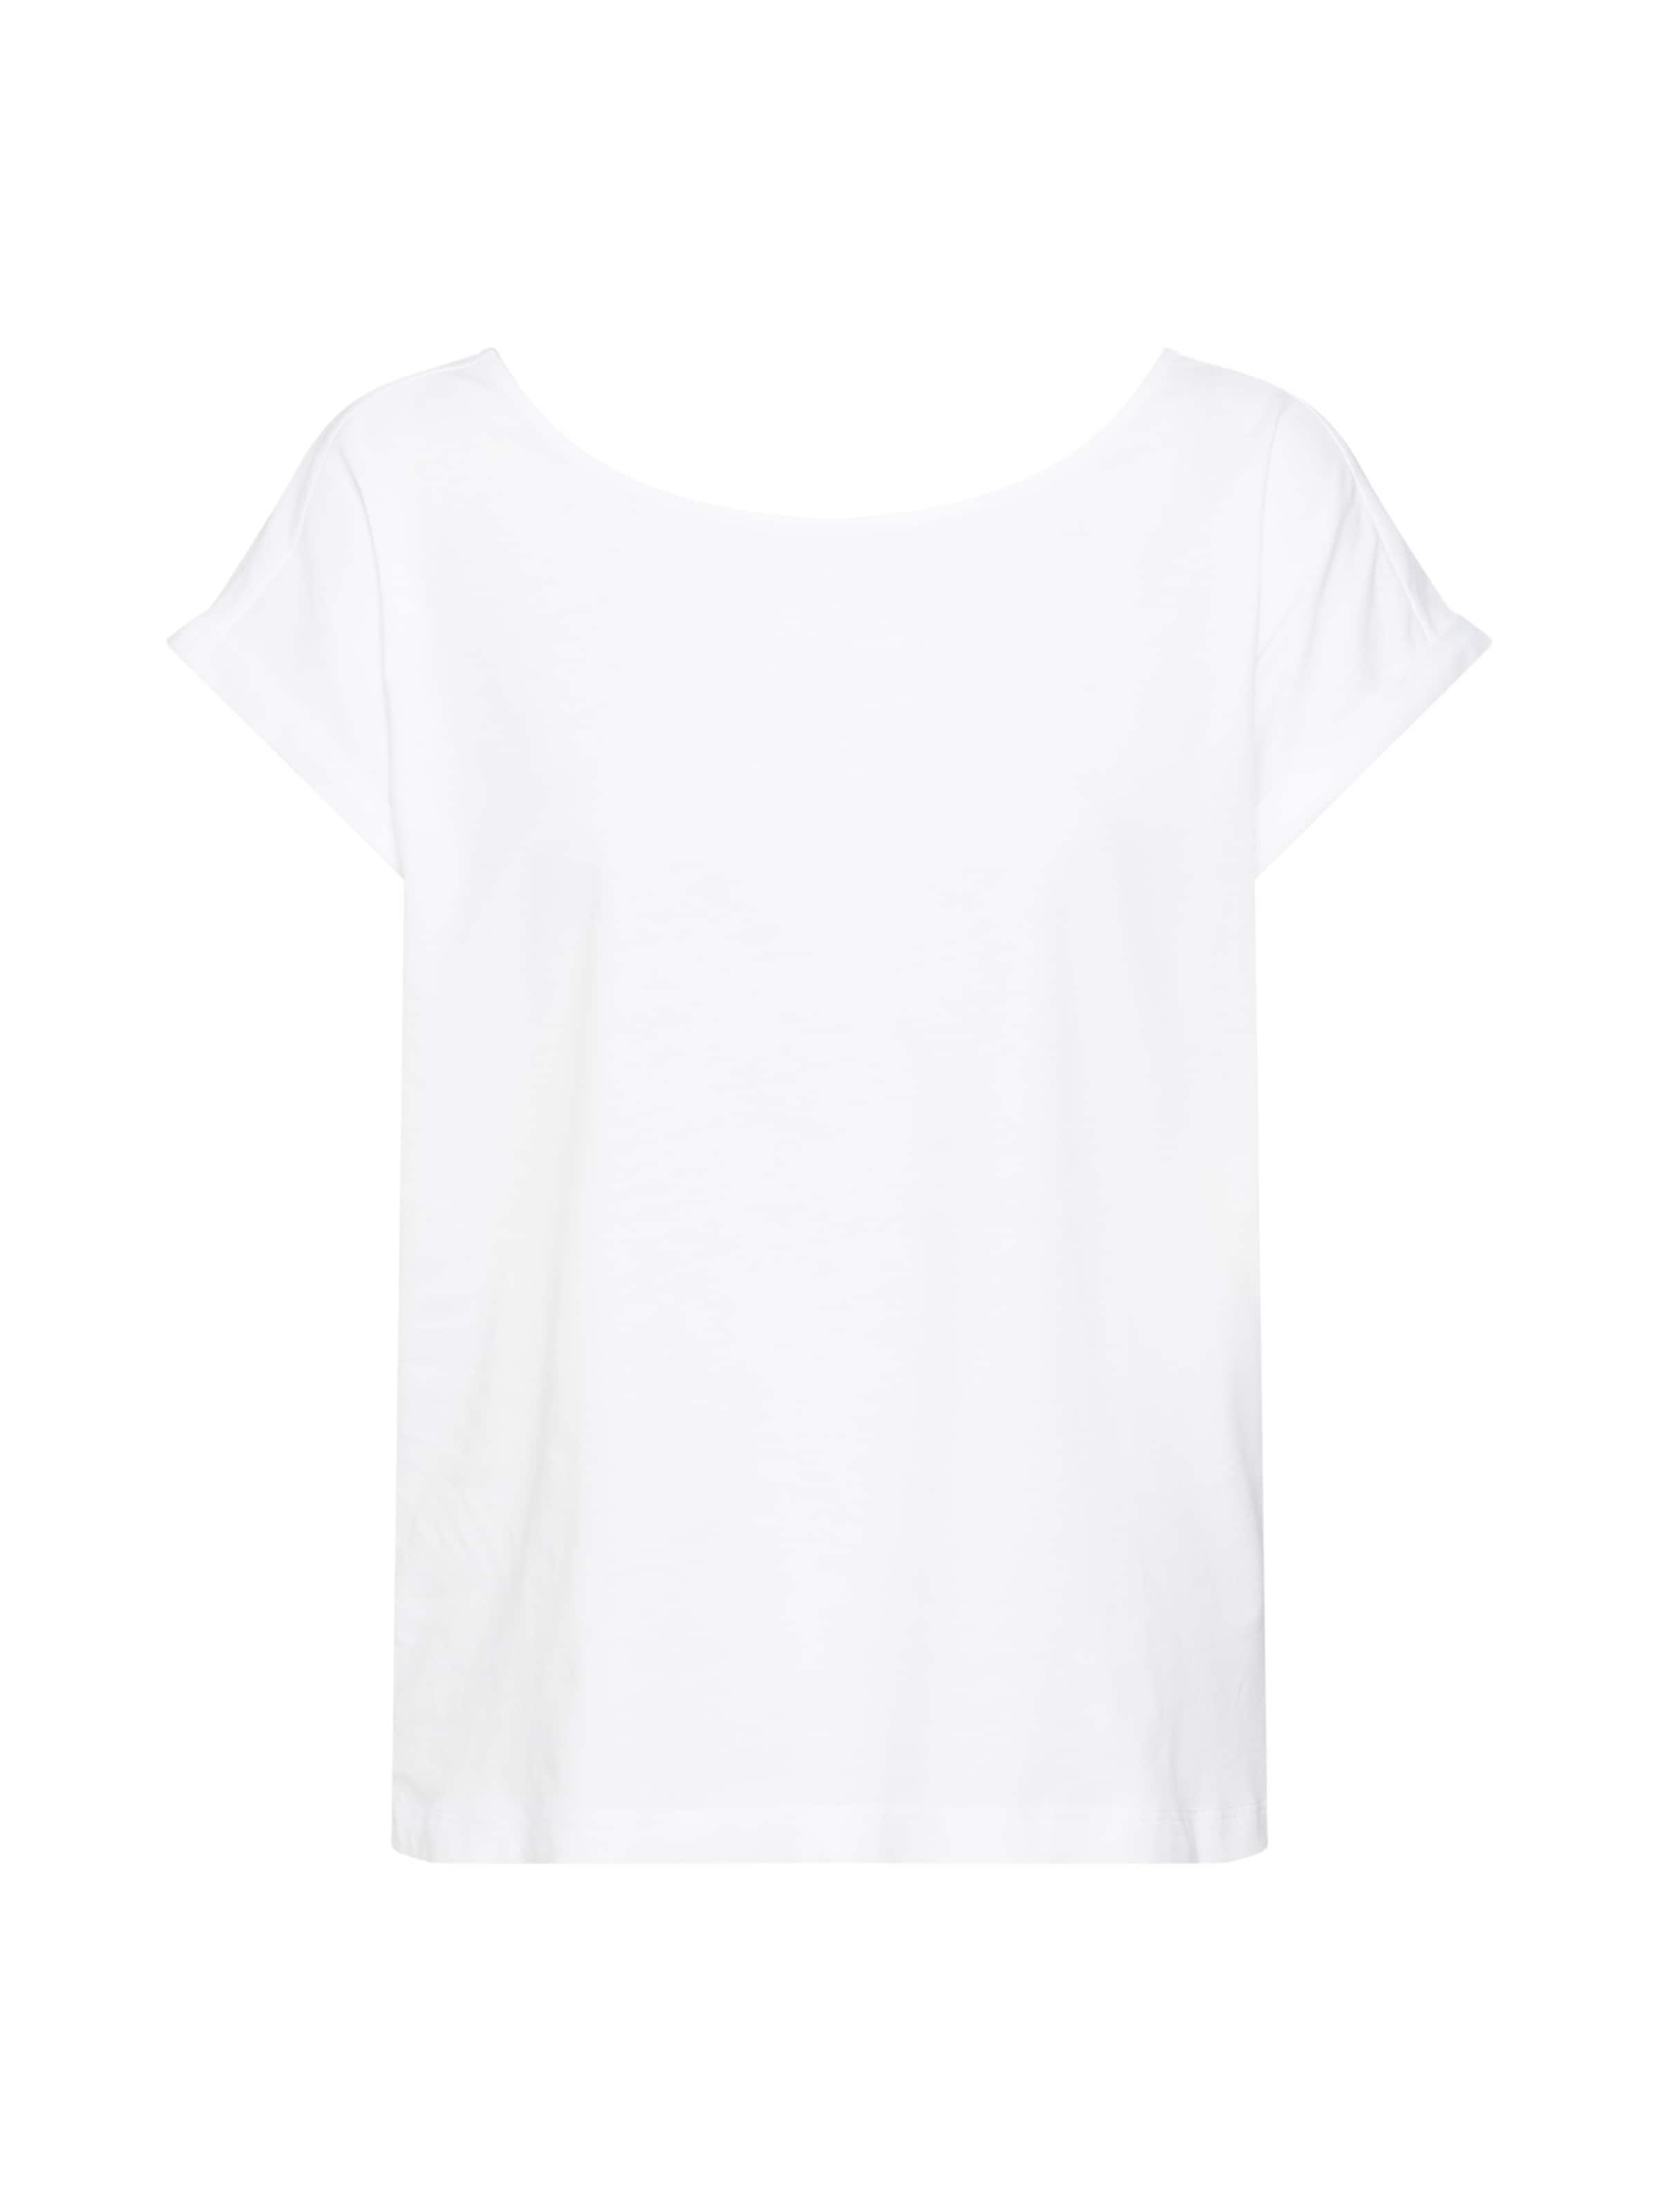 oliver shirtsgh T In S Weiß Red Label 8wmNn0